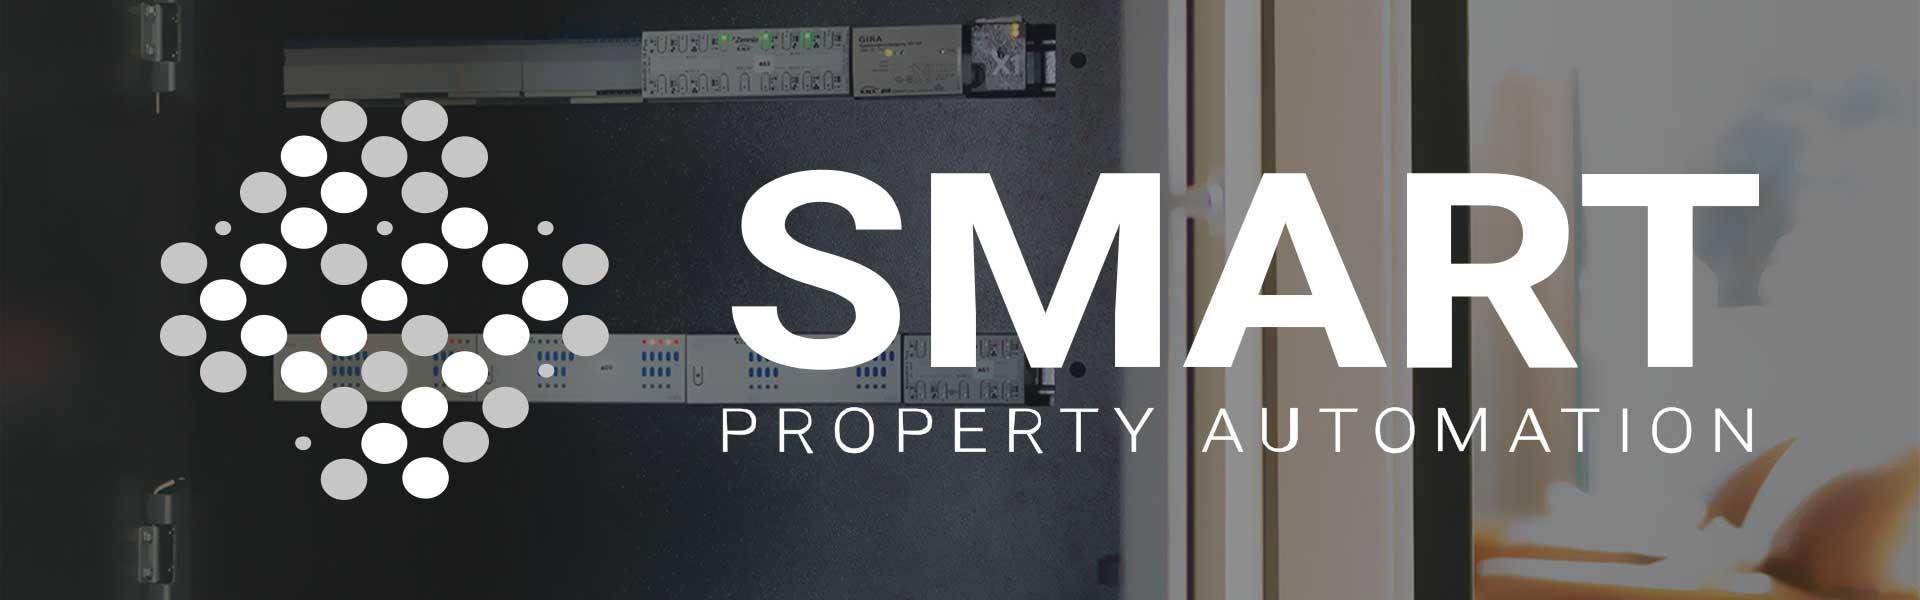 Smart Property Automation